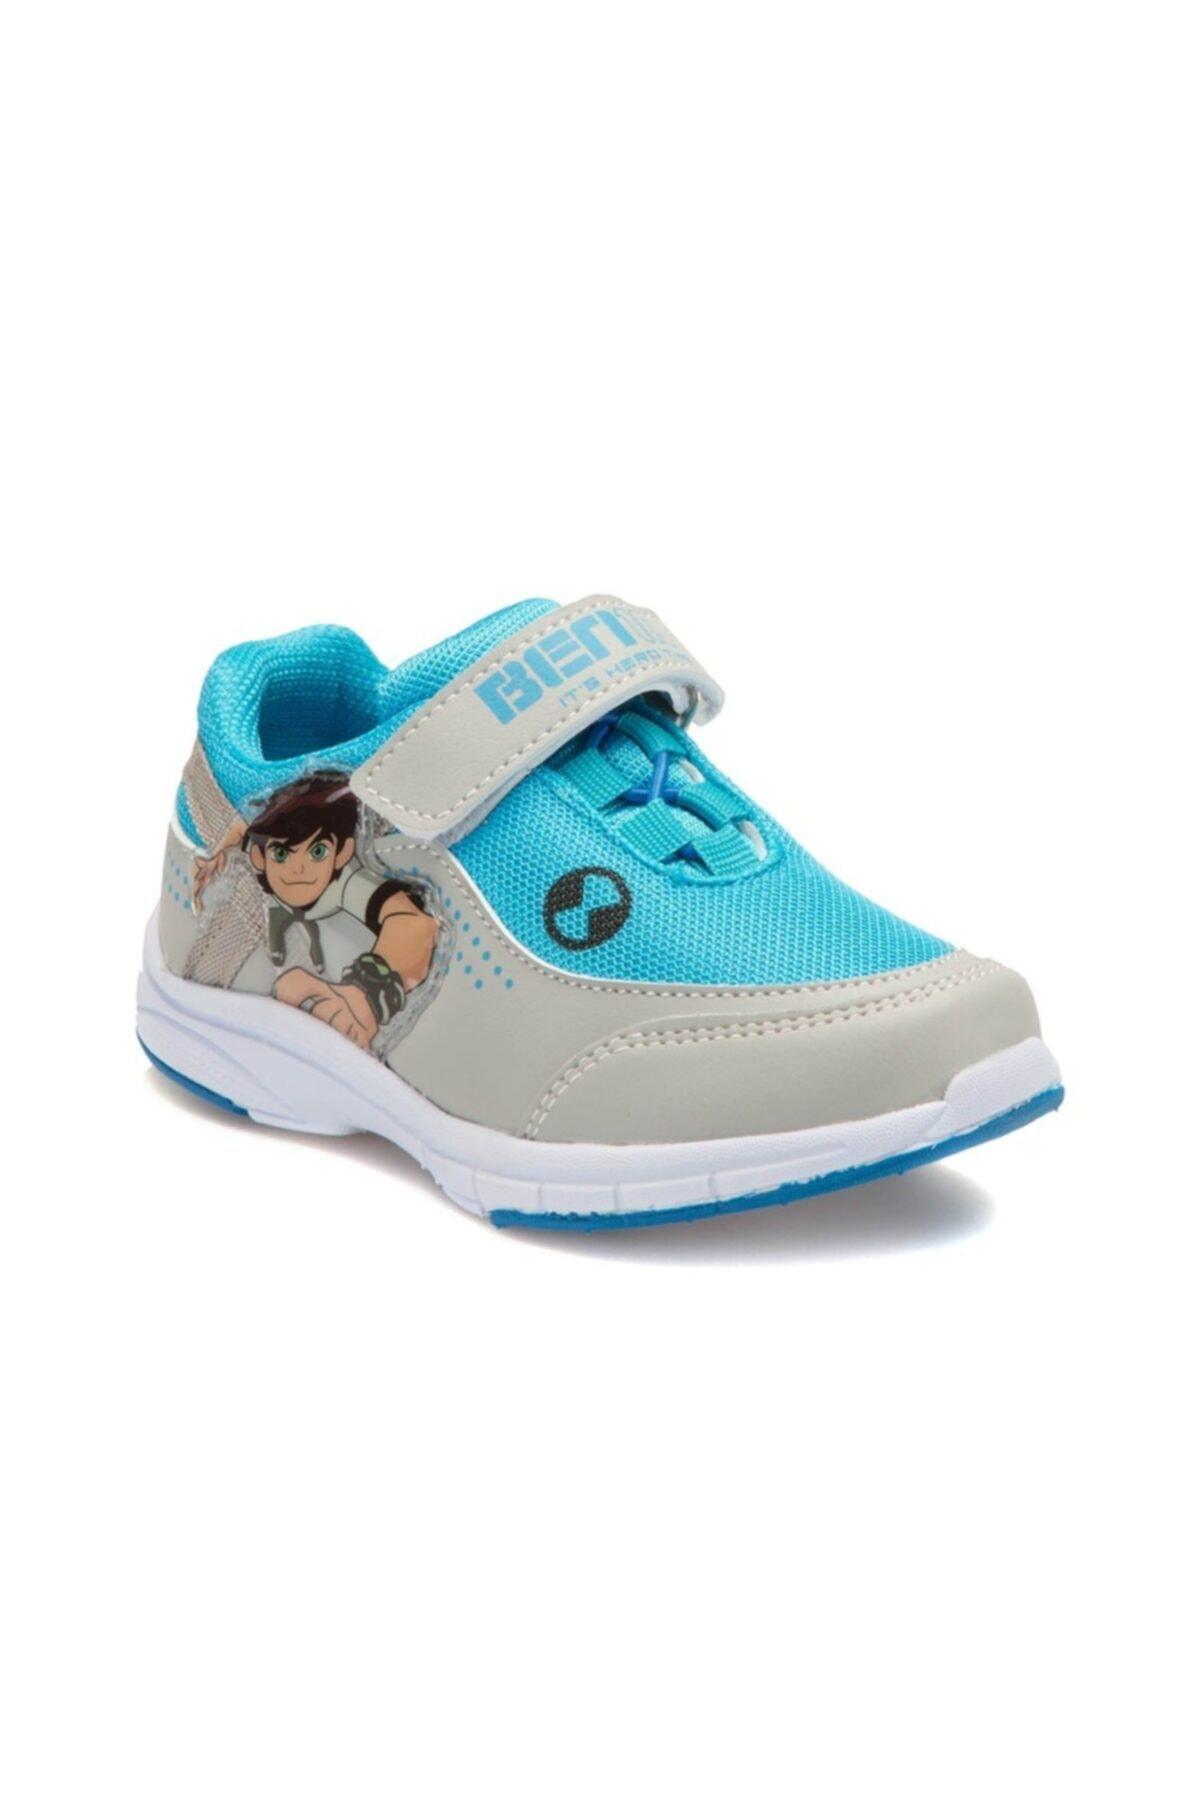 Ben 10 Ben10 Yeti Parlament Renk Erkek Çocuk Cırtlı Spor Ayakkabı 1